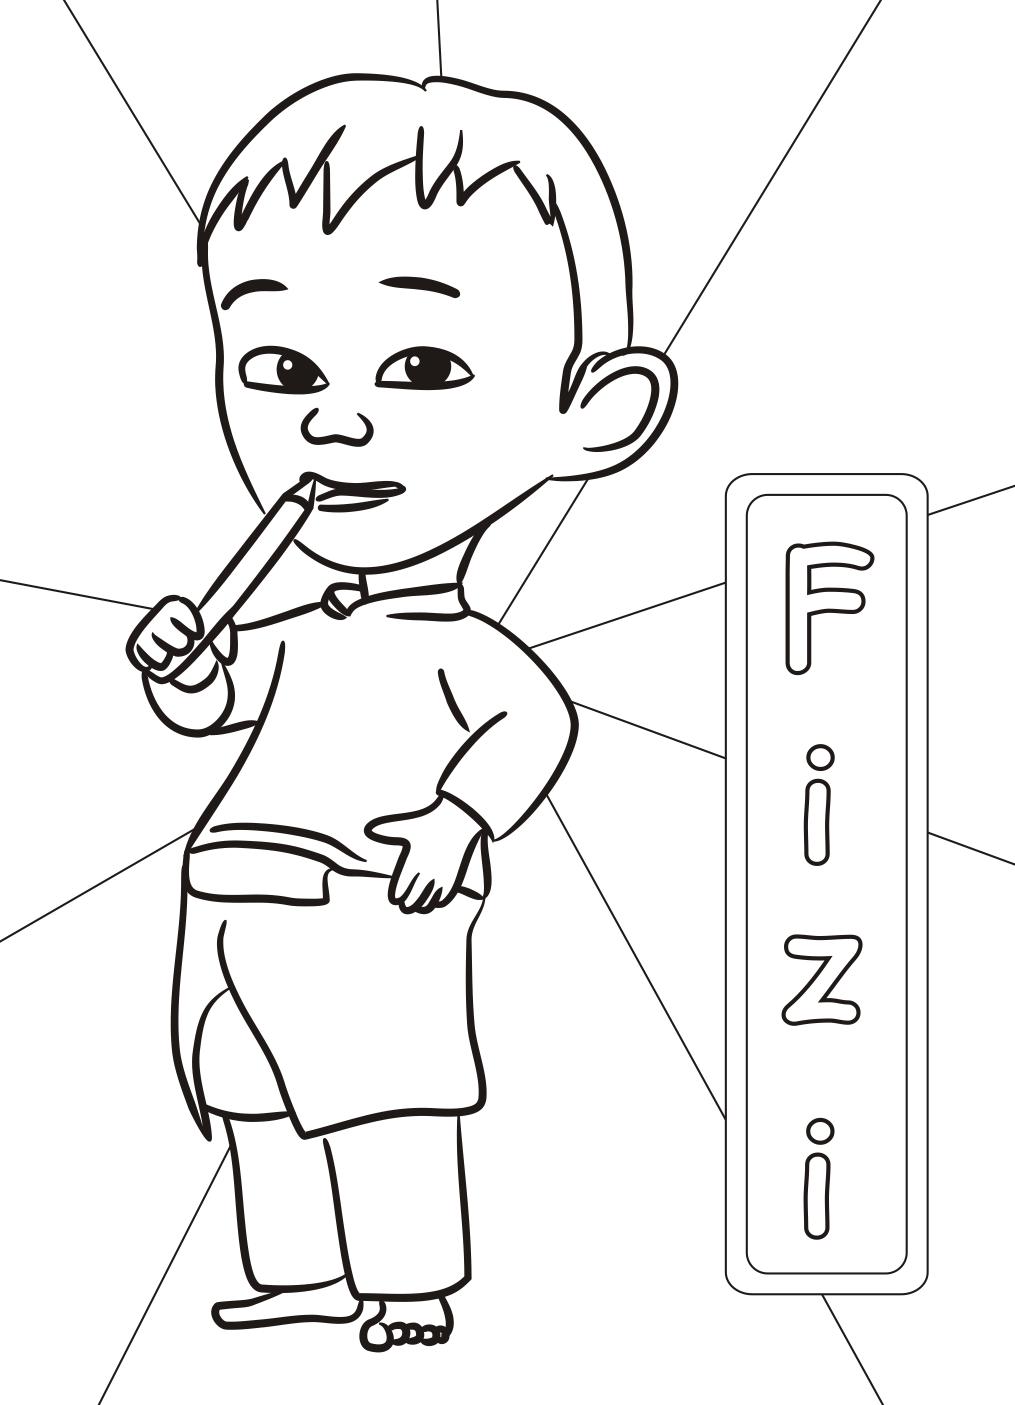 fizi-upin-ipin-coloring-pages